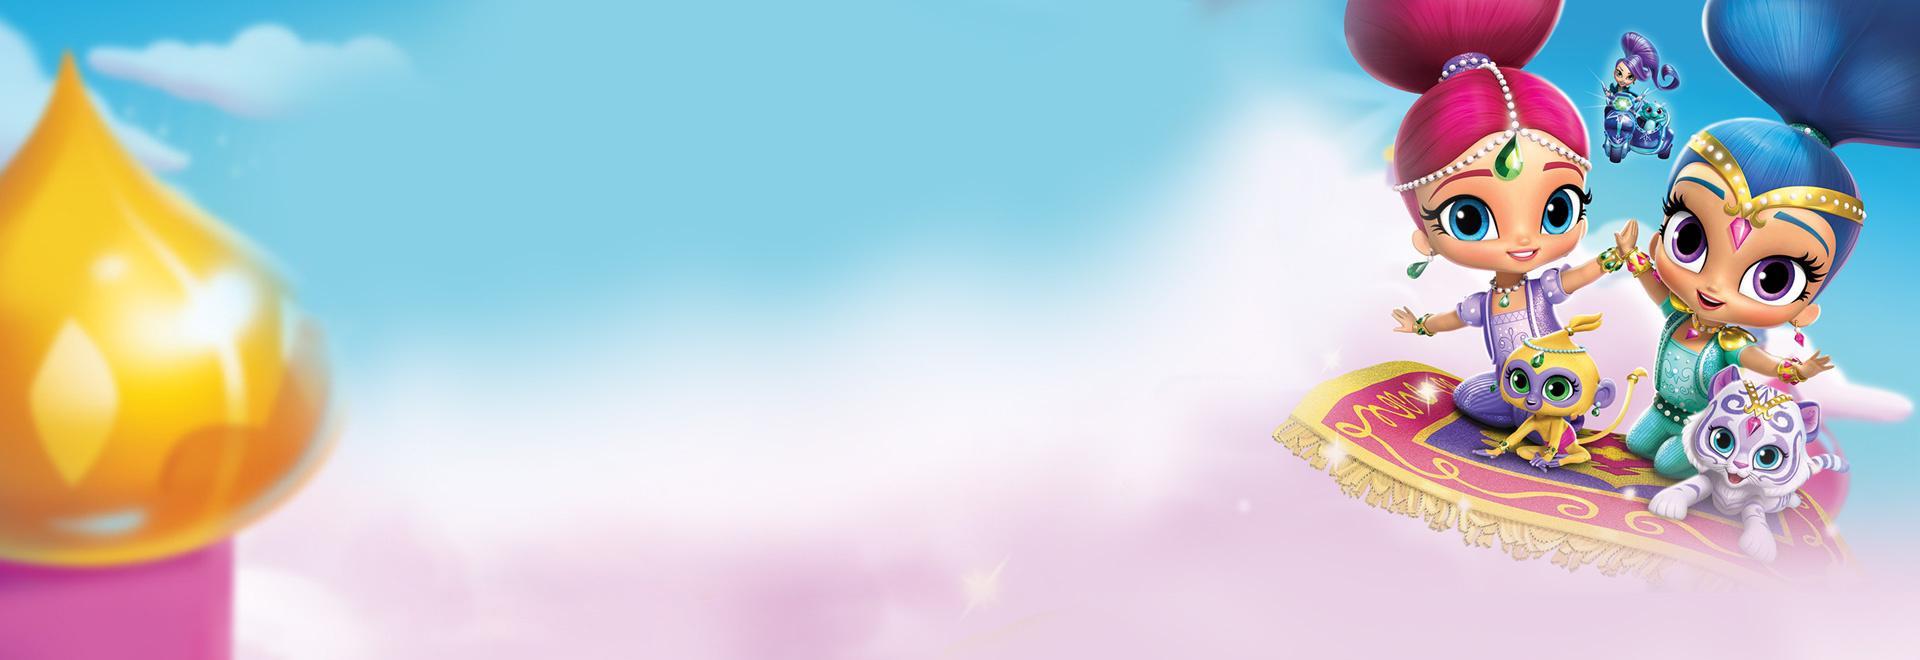 Un lampo-puledro per Shaya / Una consegna speciale